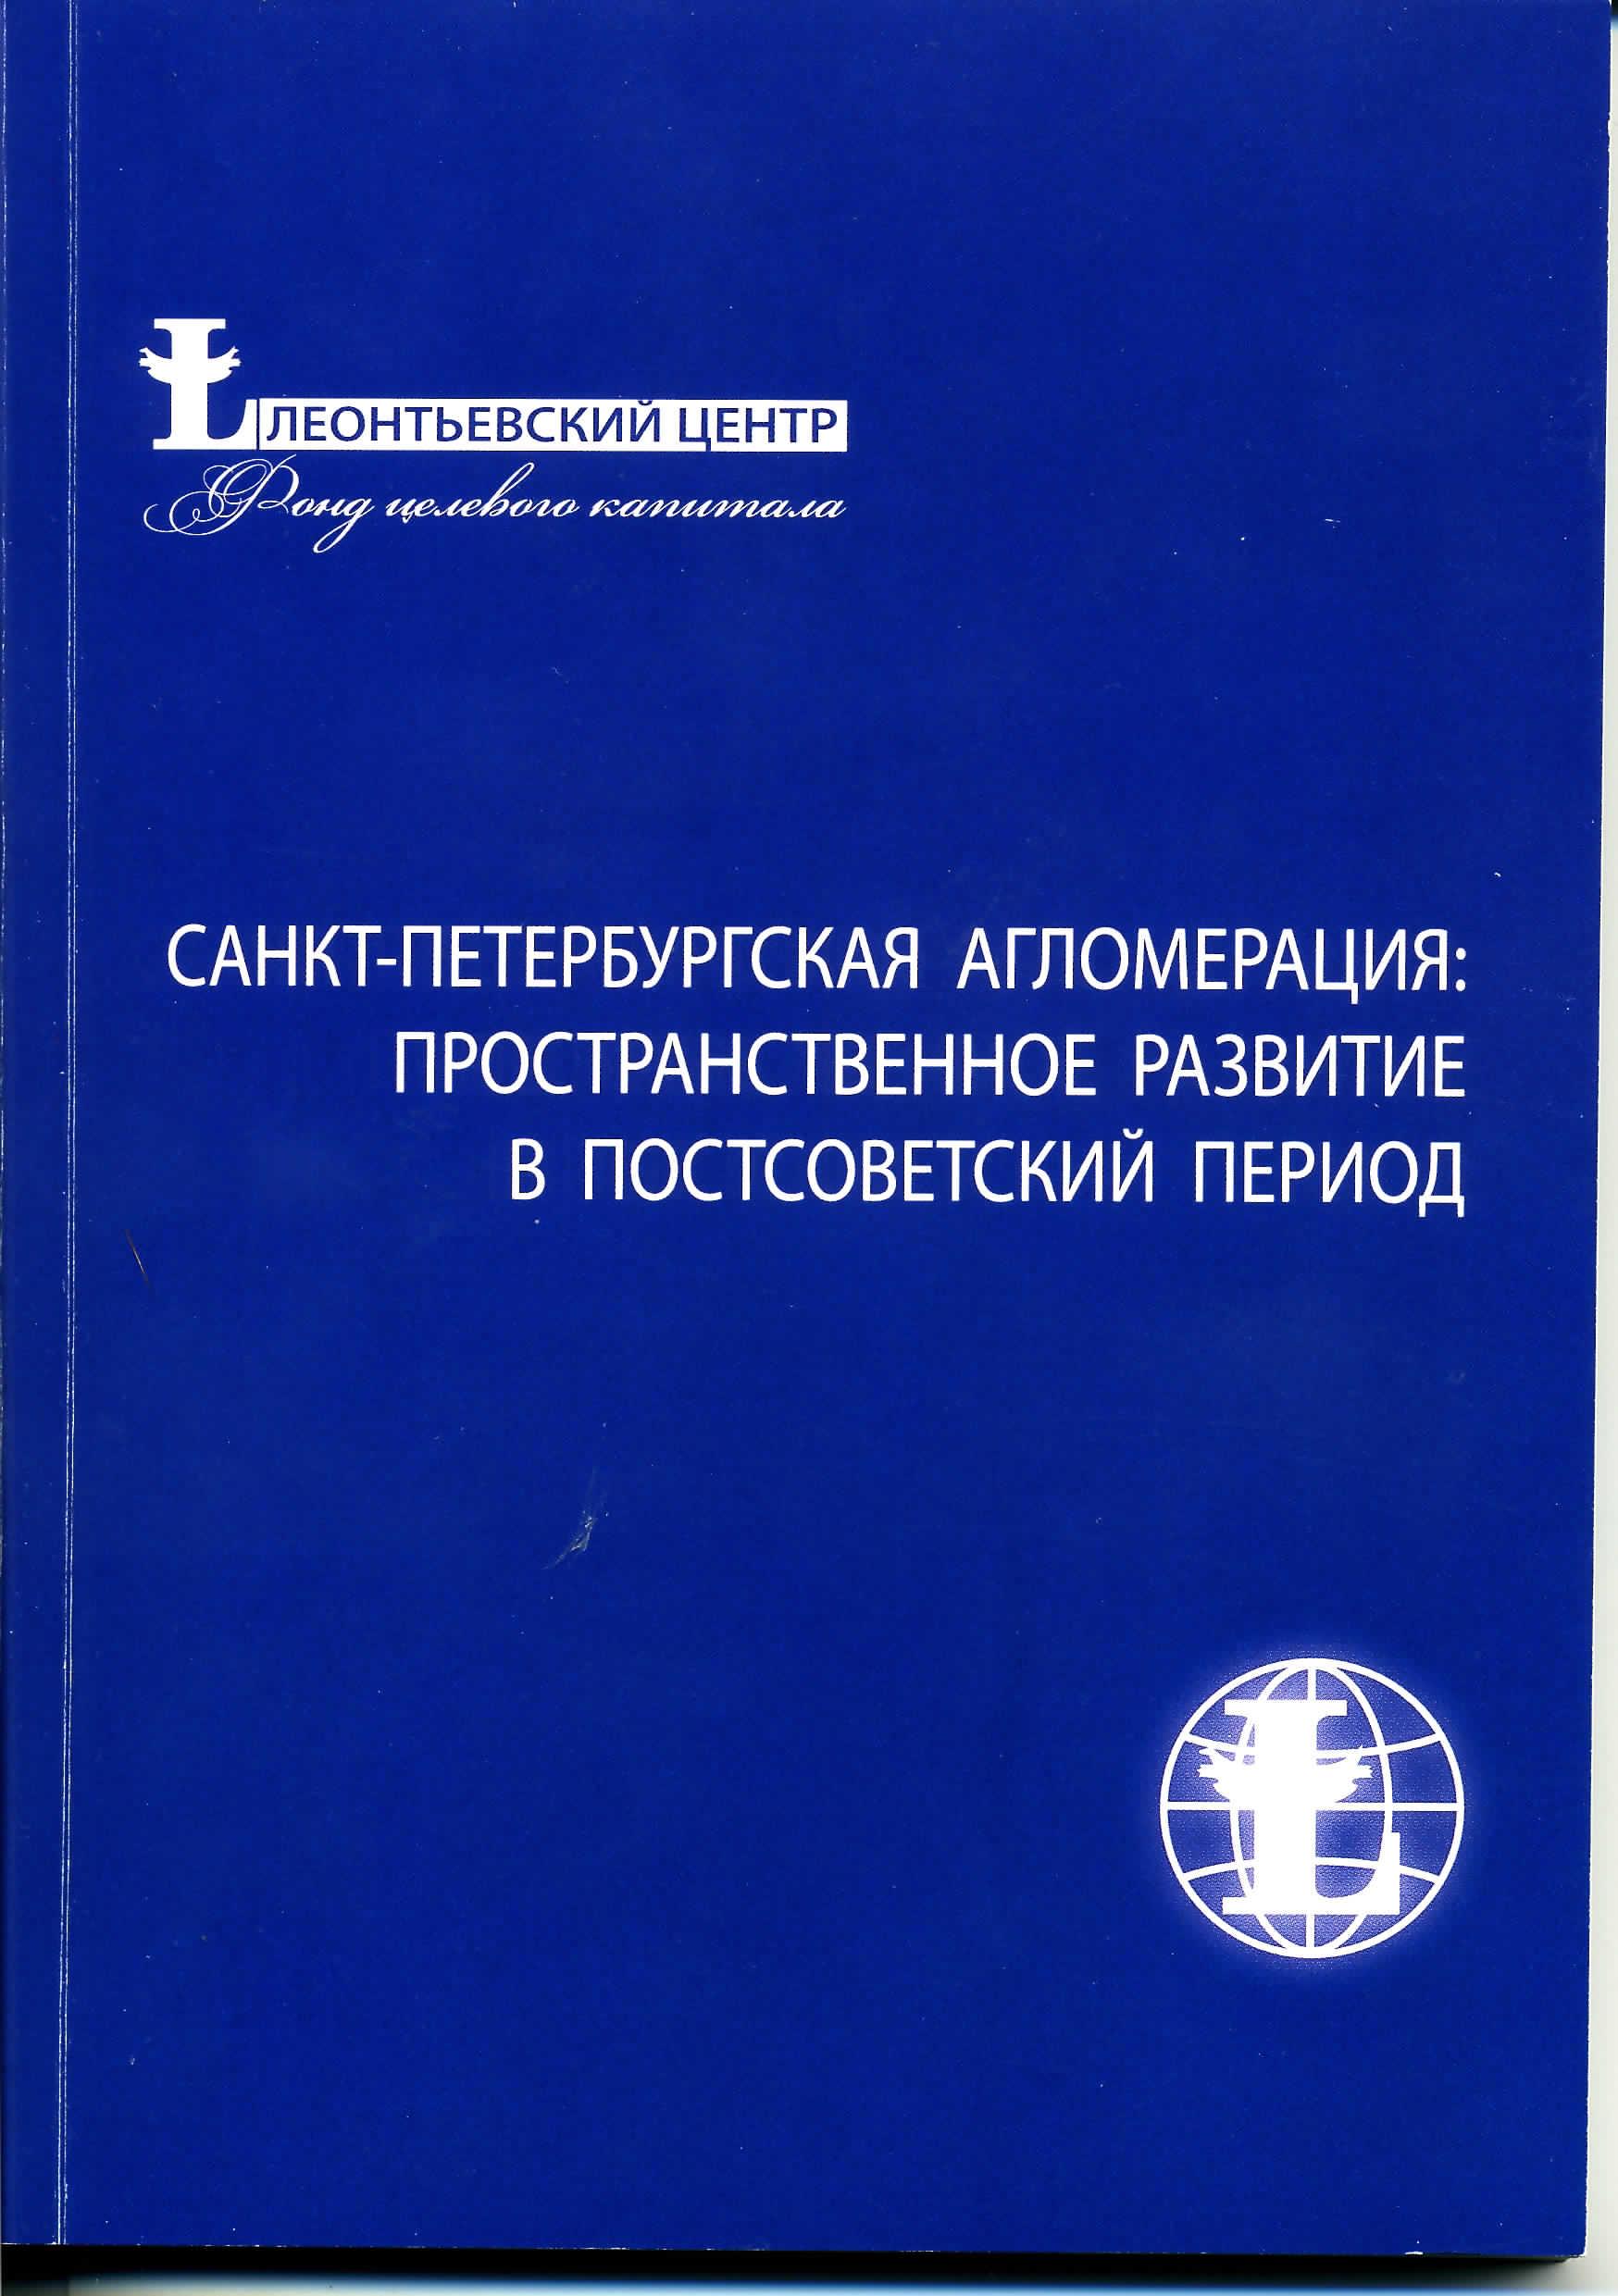 Пространственное развитие Санкт-Петербургской агломерации: особенности, проблемы, факторы